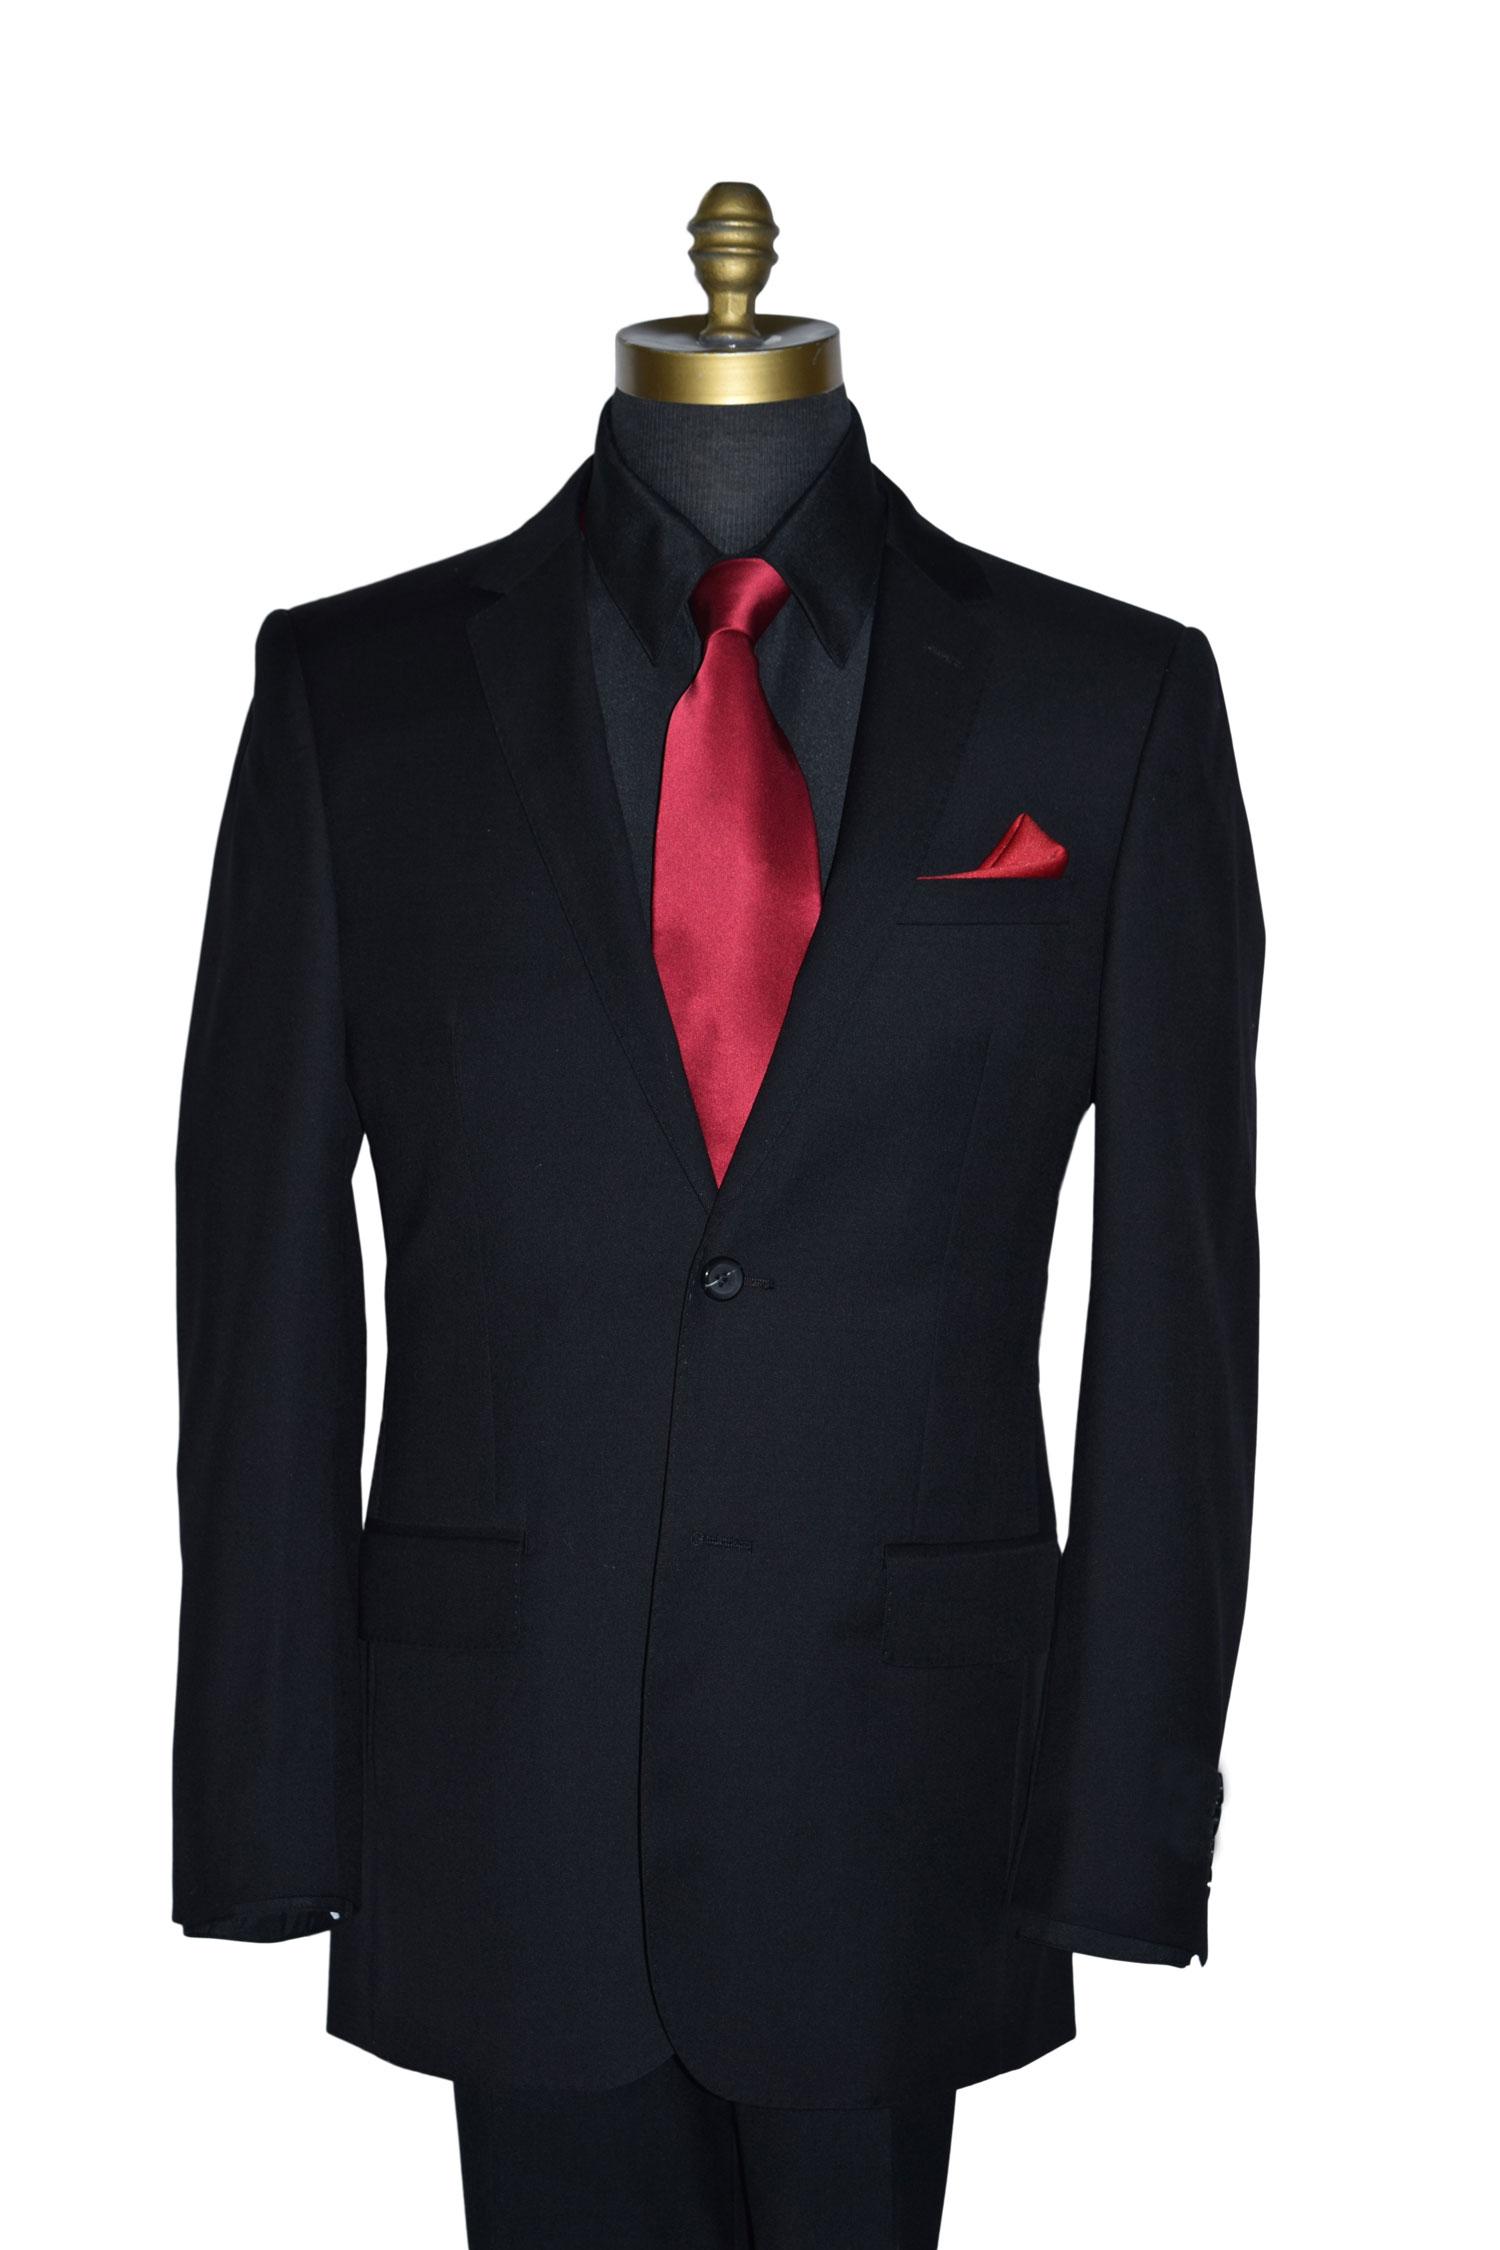 Classic Width Dress Tie